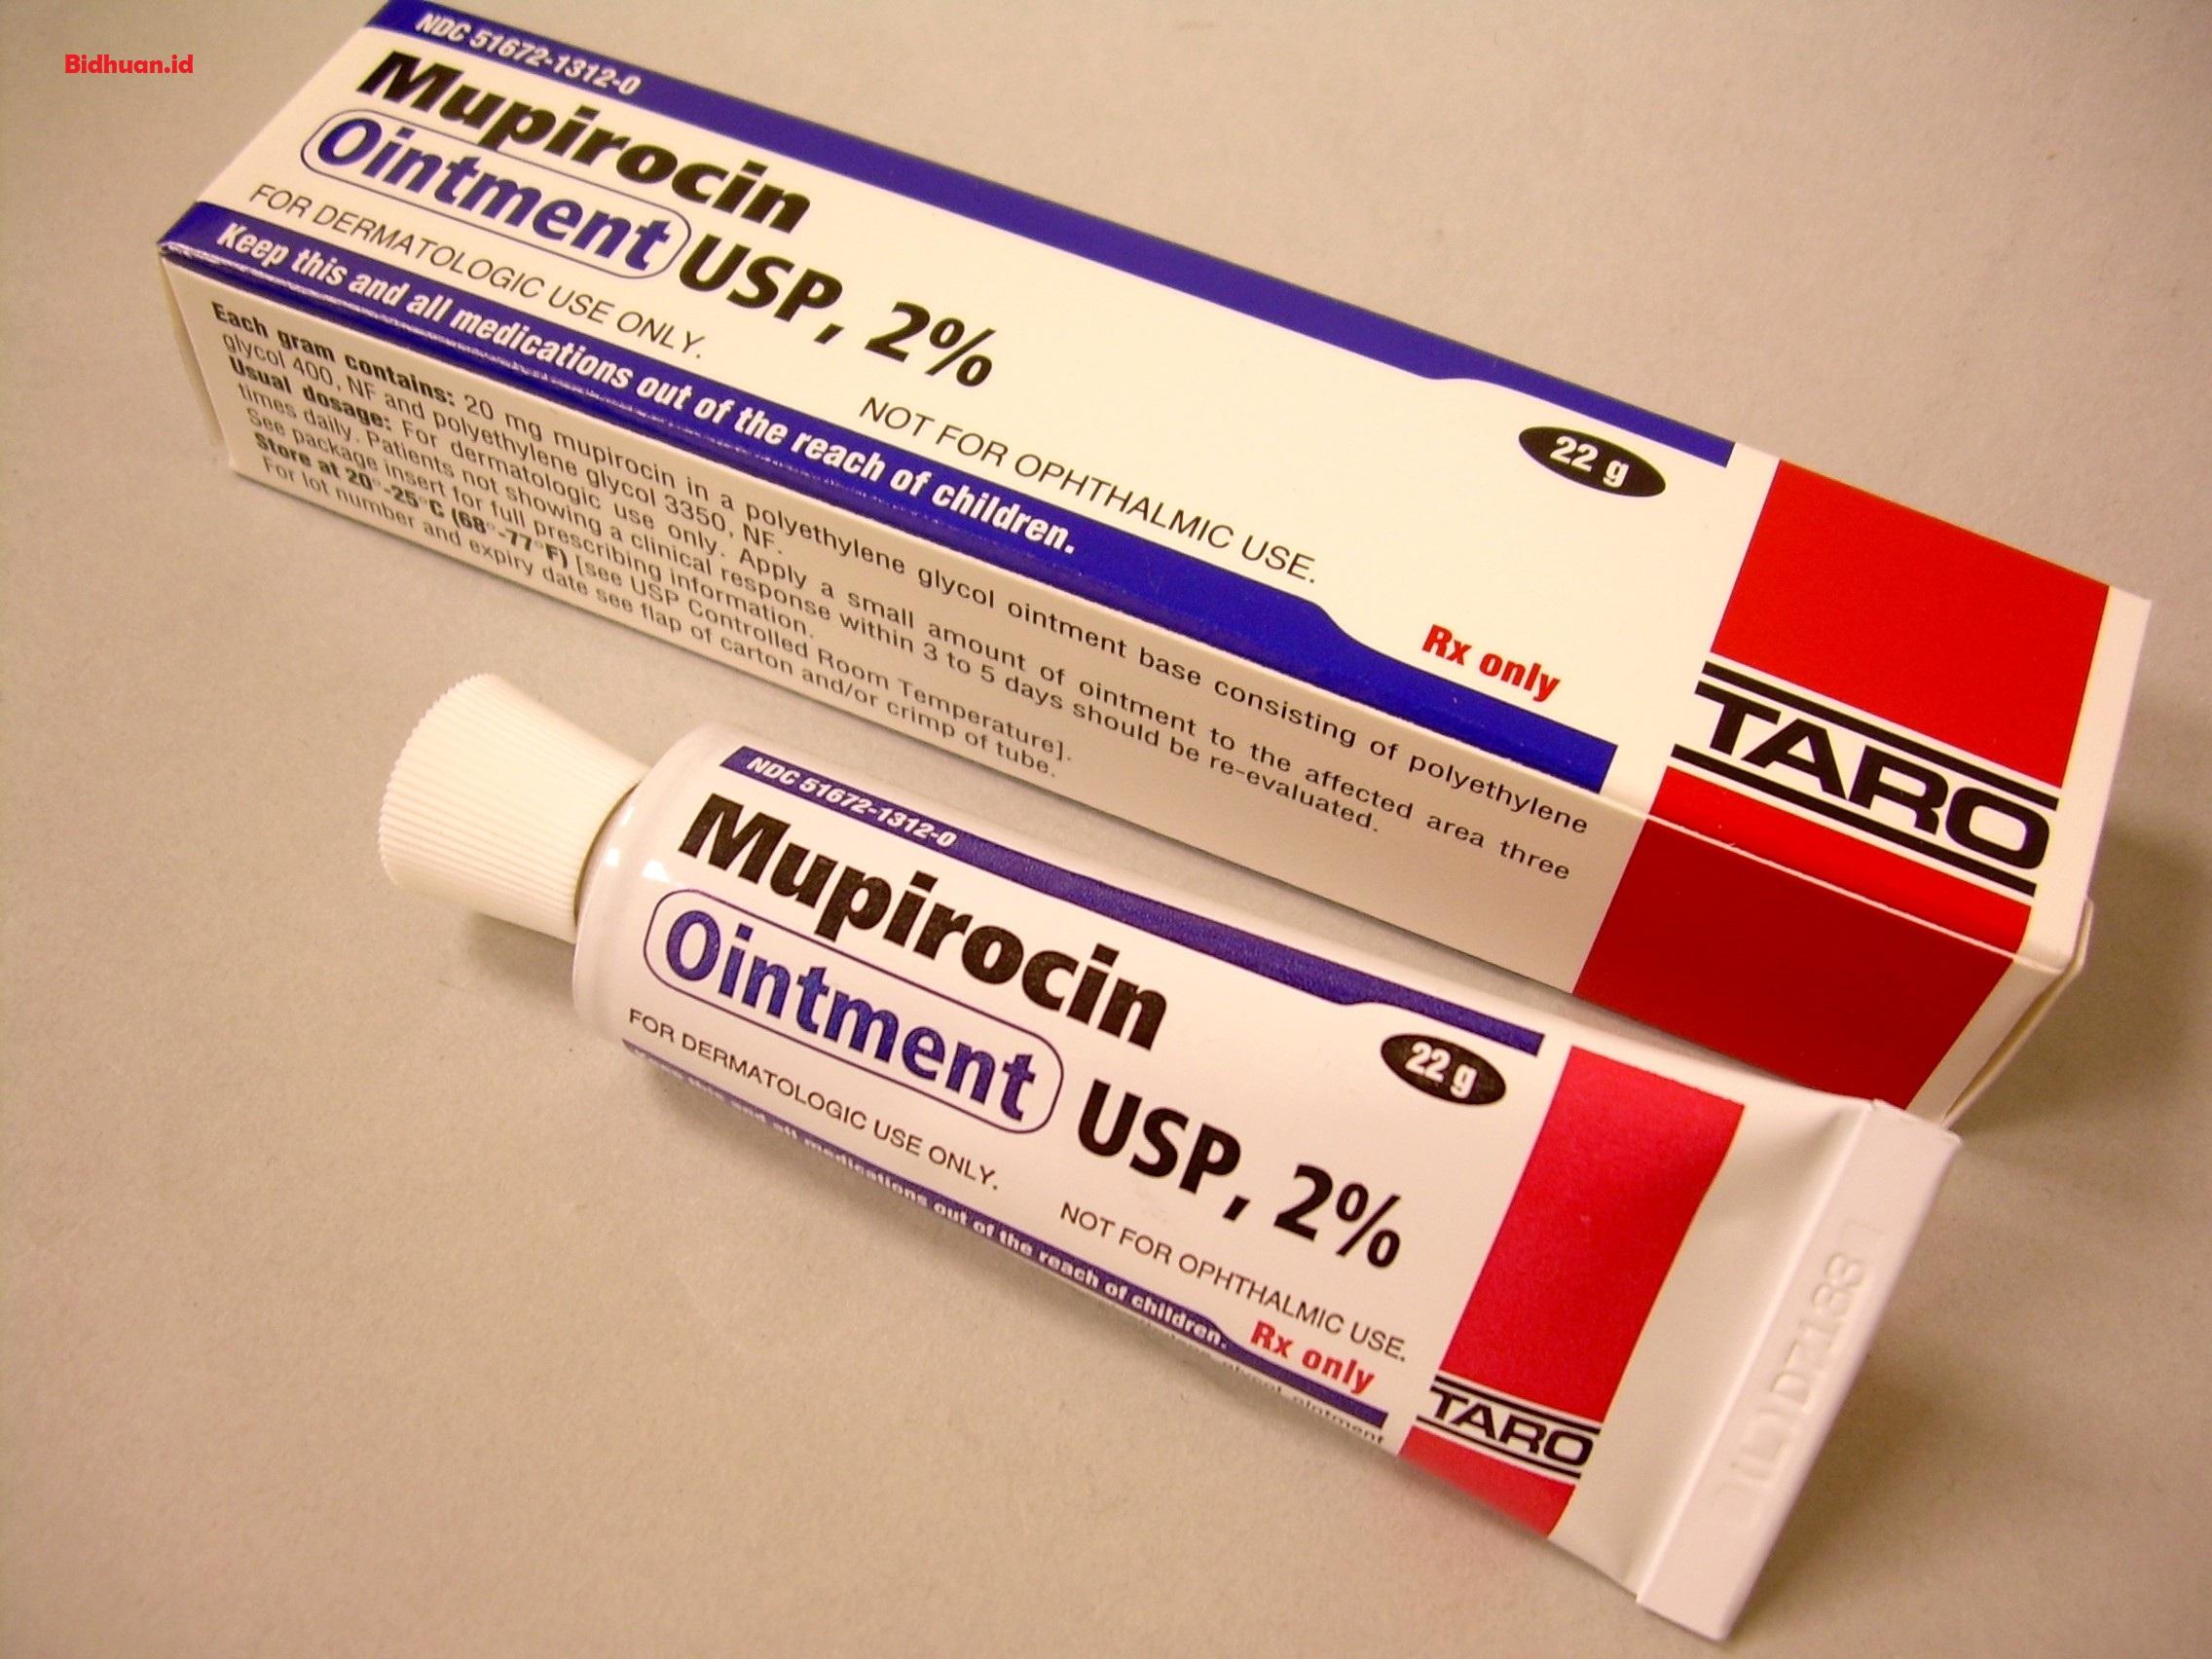 Mupirocin, Obat Salep Untuk Bisul